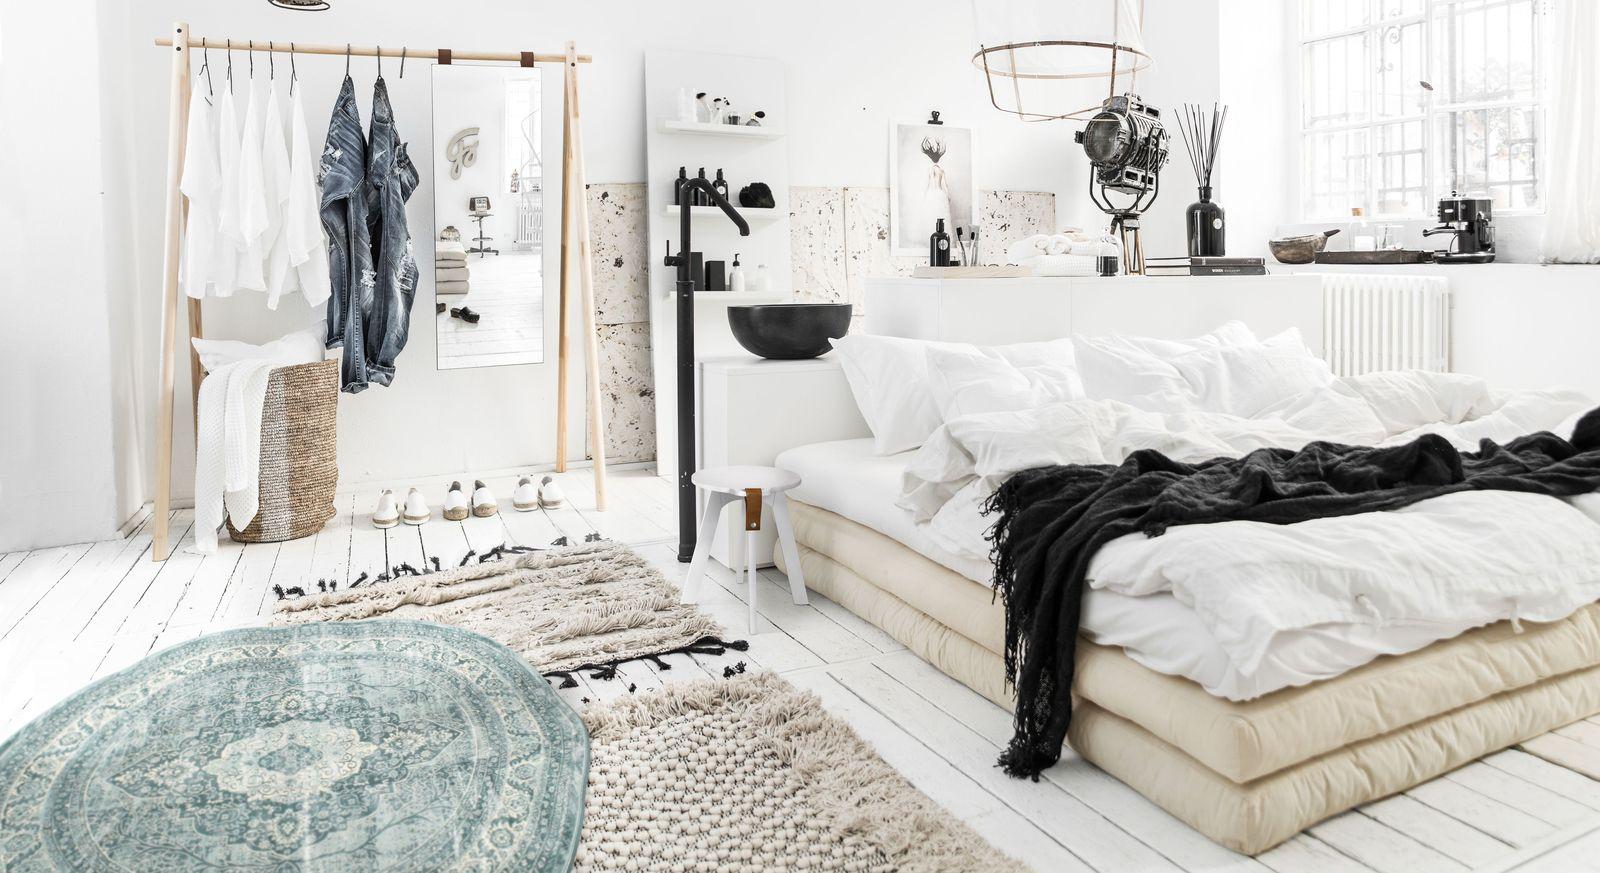 Schlafzimmer mit japanischem Futonbett und Garderobe - Toffia